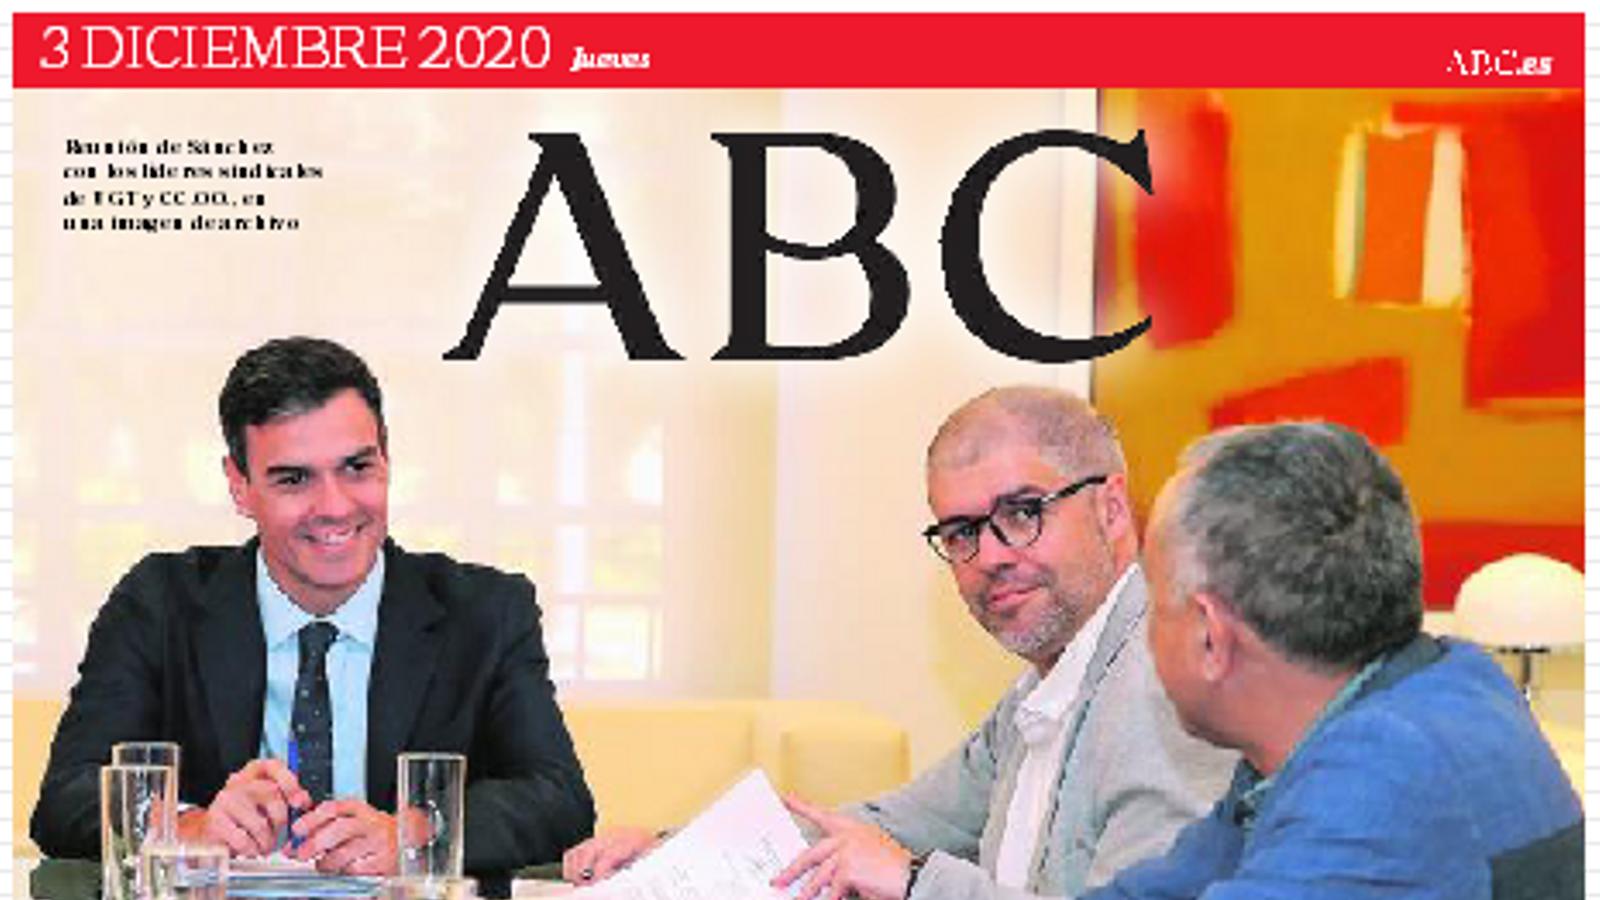 Portada 3 desembre 2020 ABC